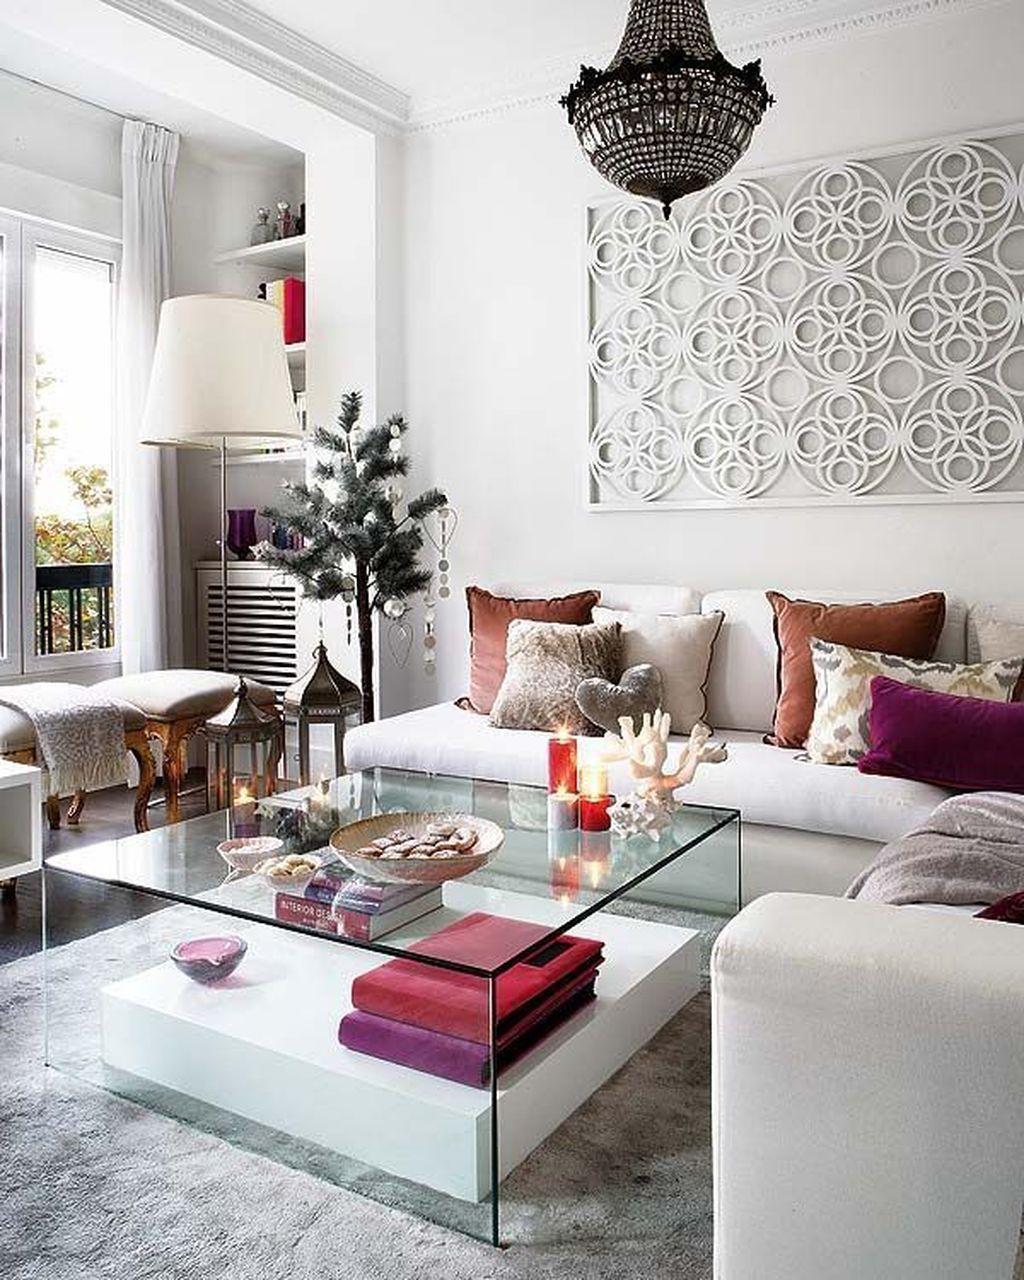 32 Trending Living Room Decor Ideas 2018 Popy Home Mo